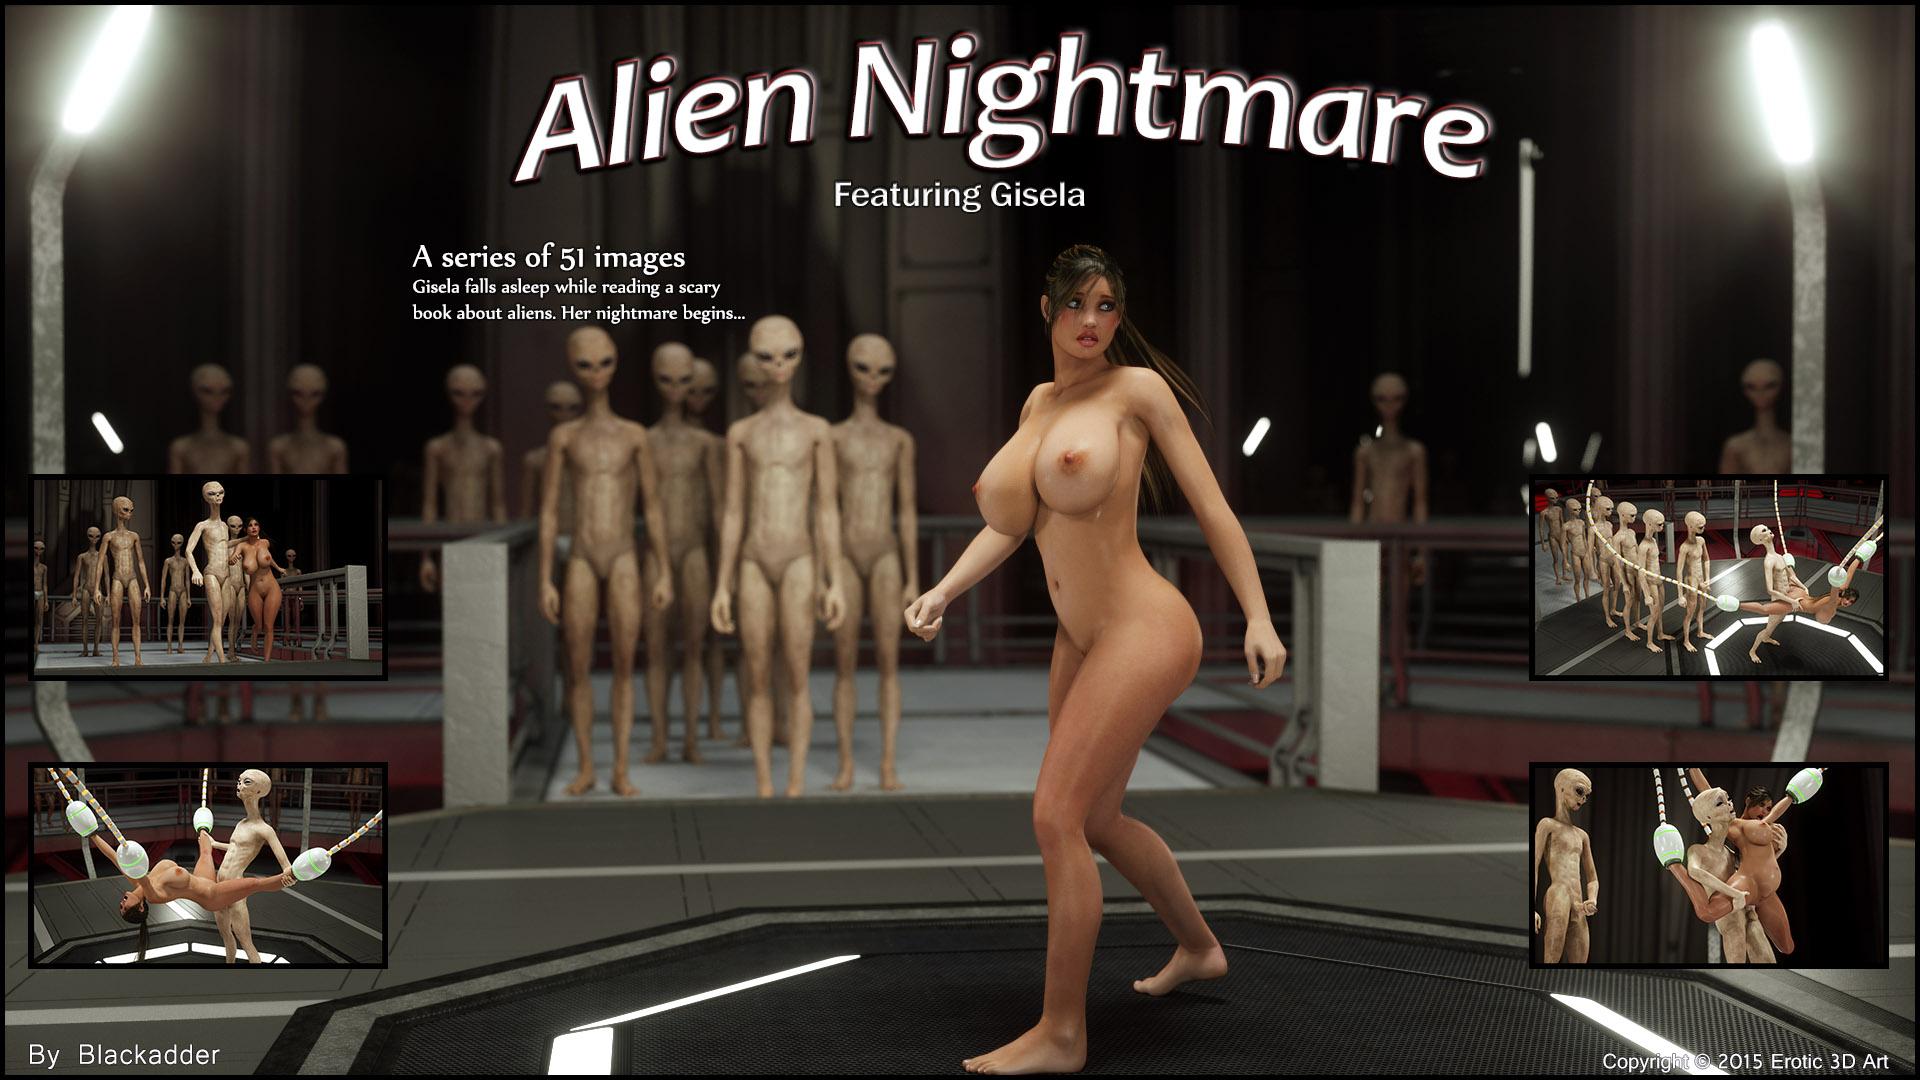 Art porn erotic nude alien sex nude image